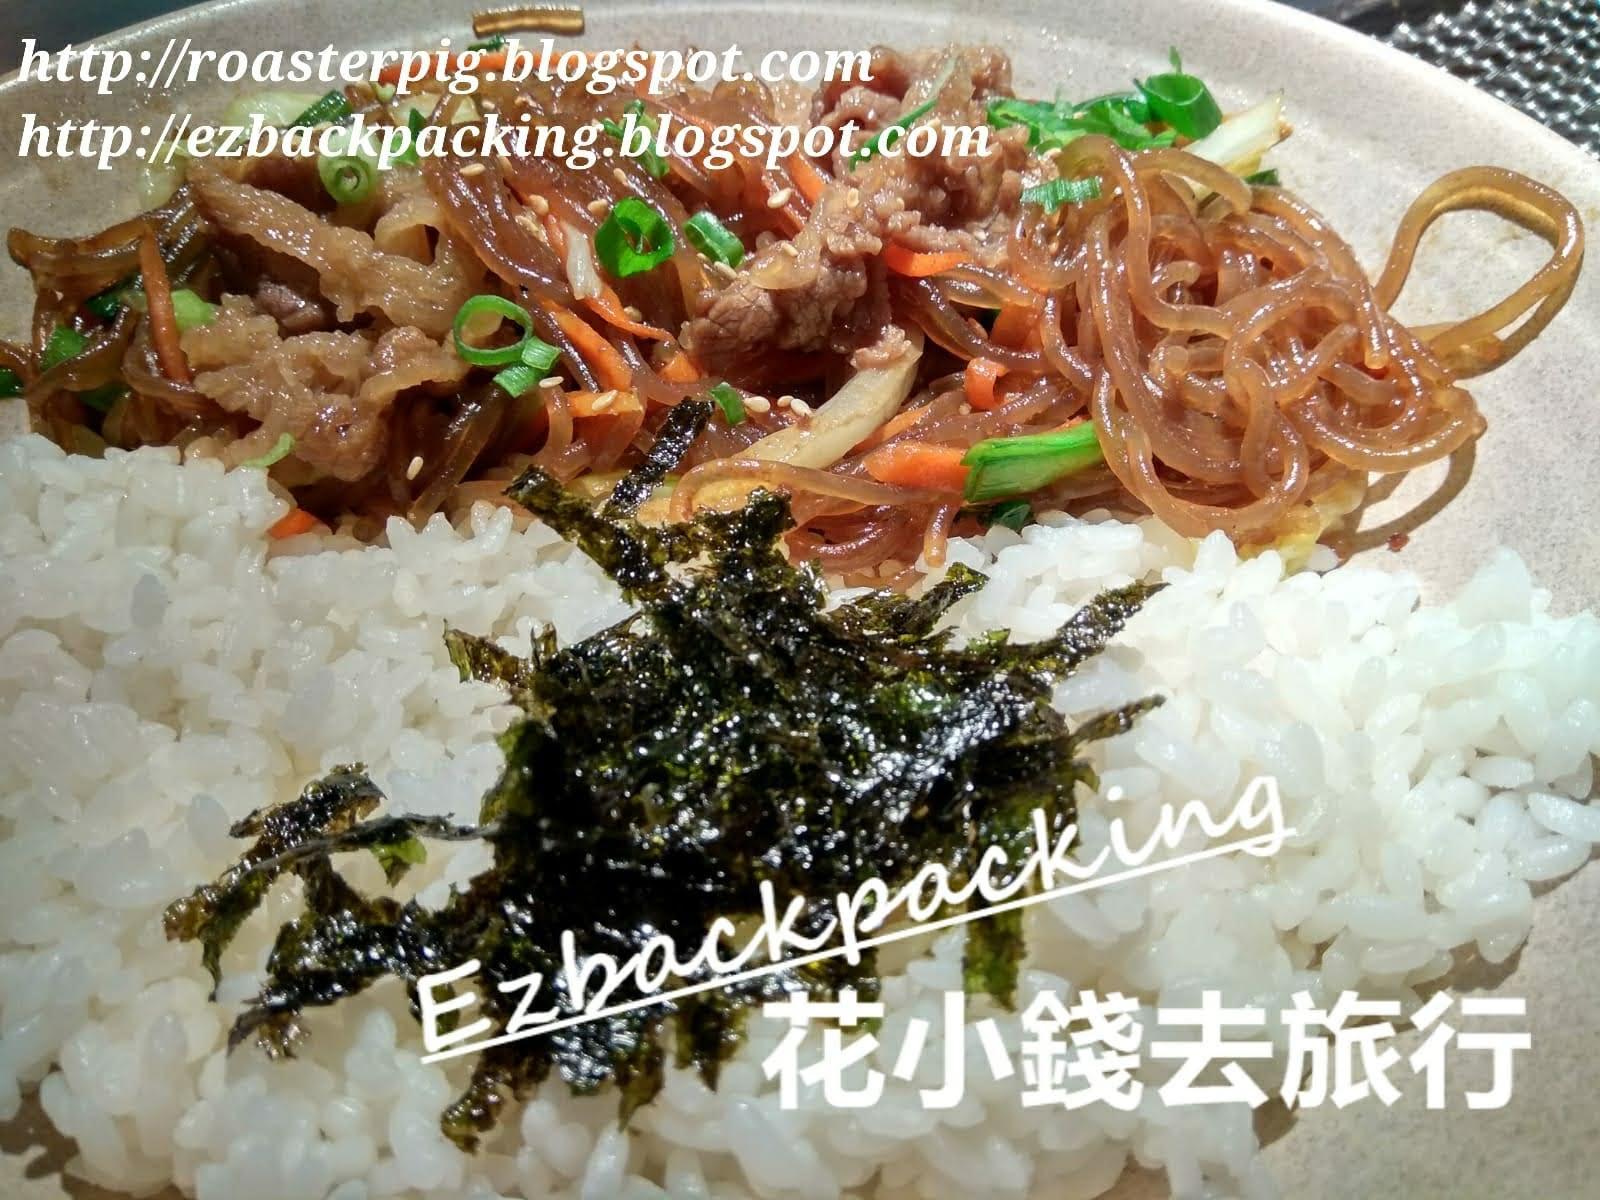 炑八下午茶: 韓式炒粉絲配飯